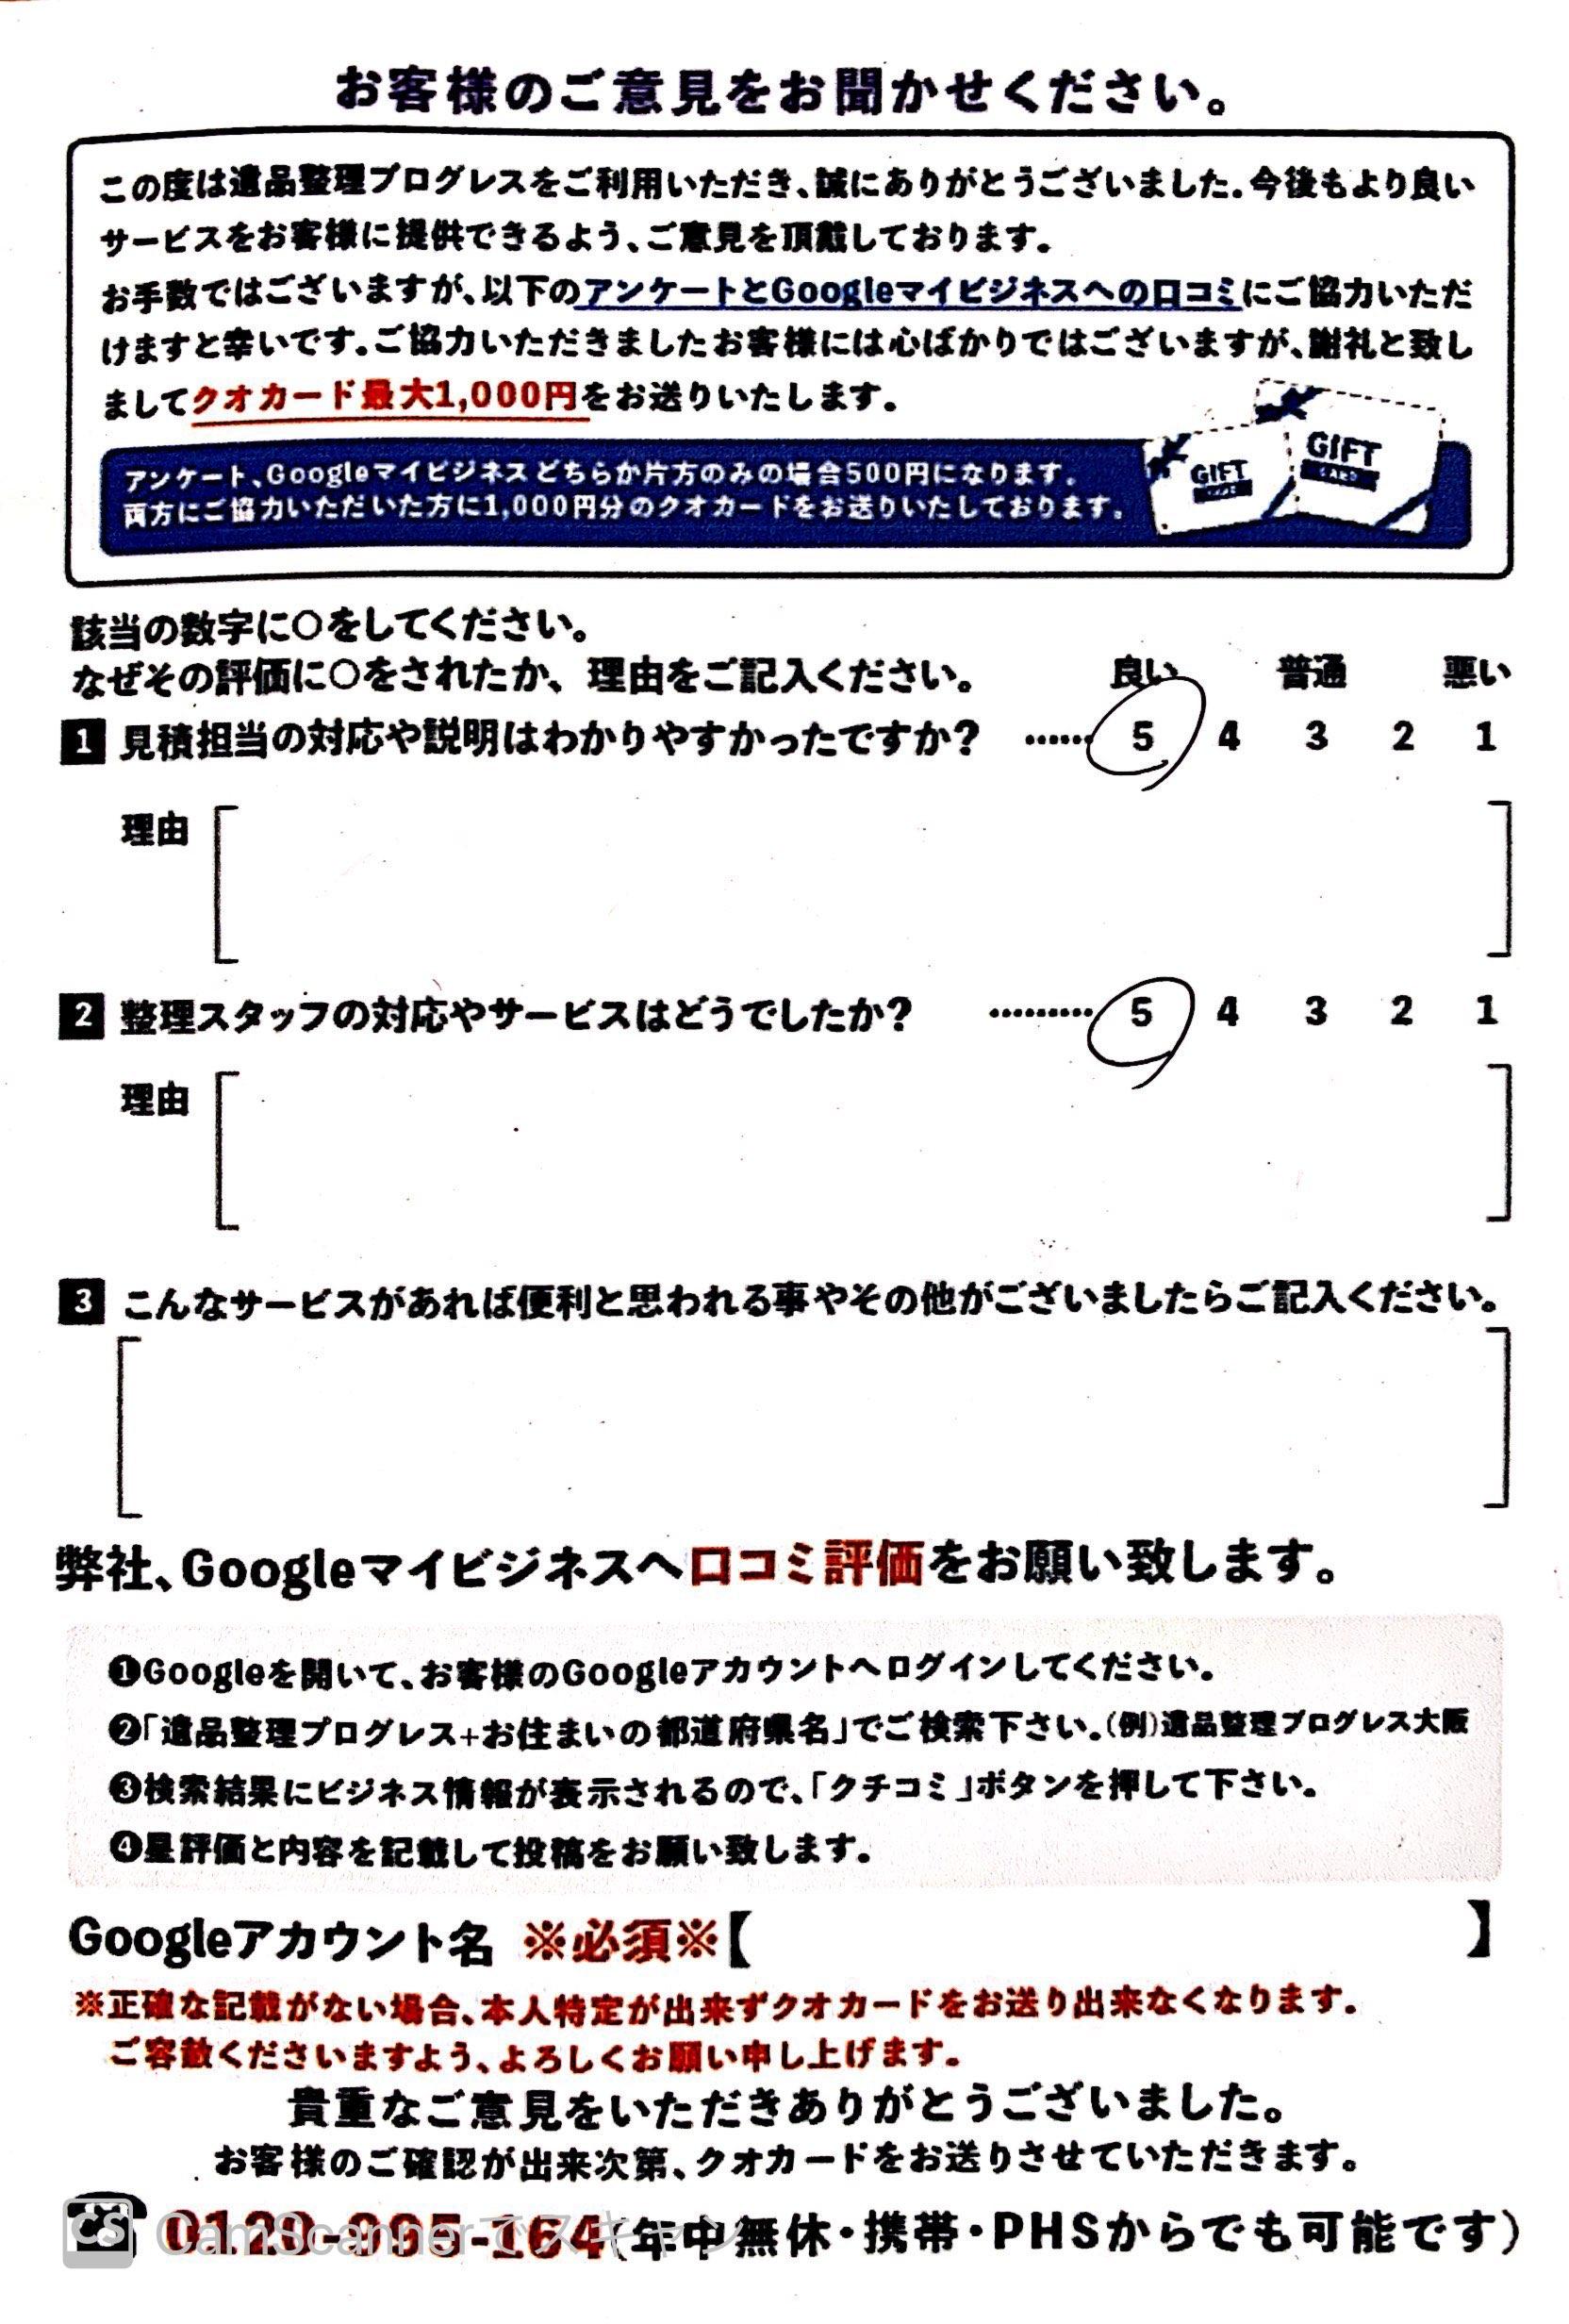 有限会社J様 京都市右京区のアンケート用紙